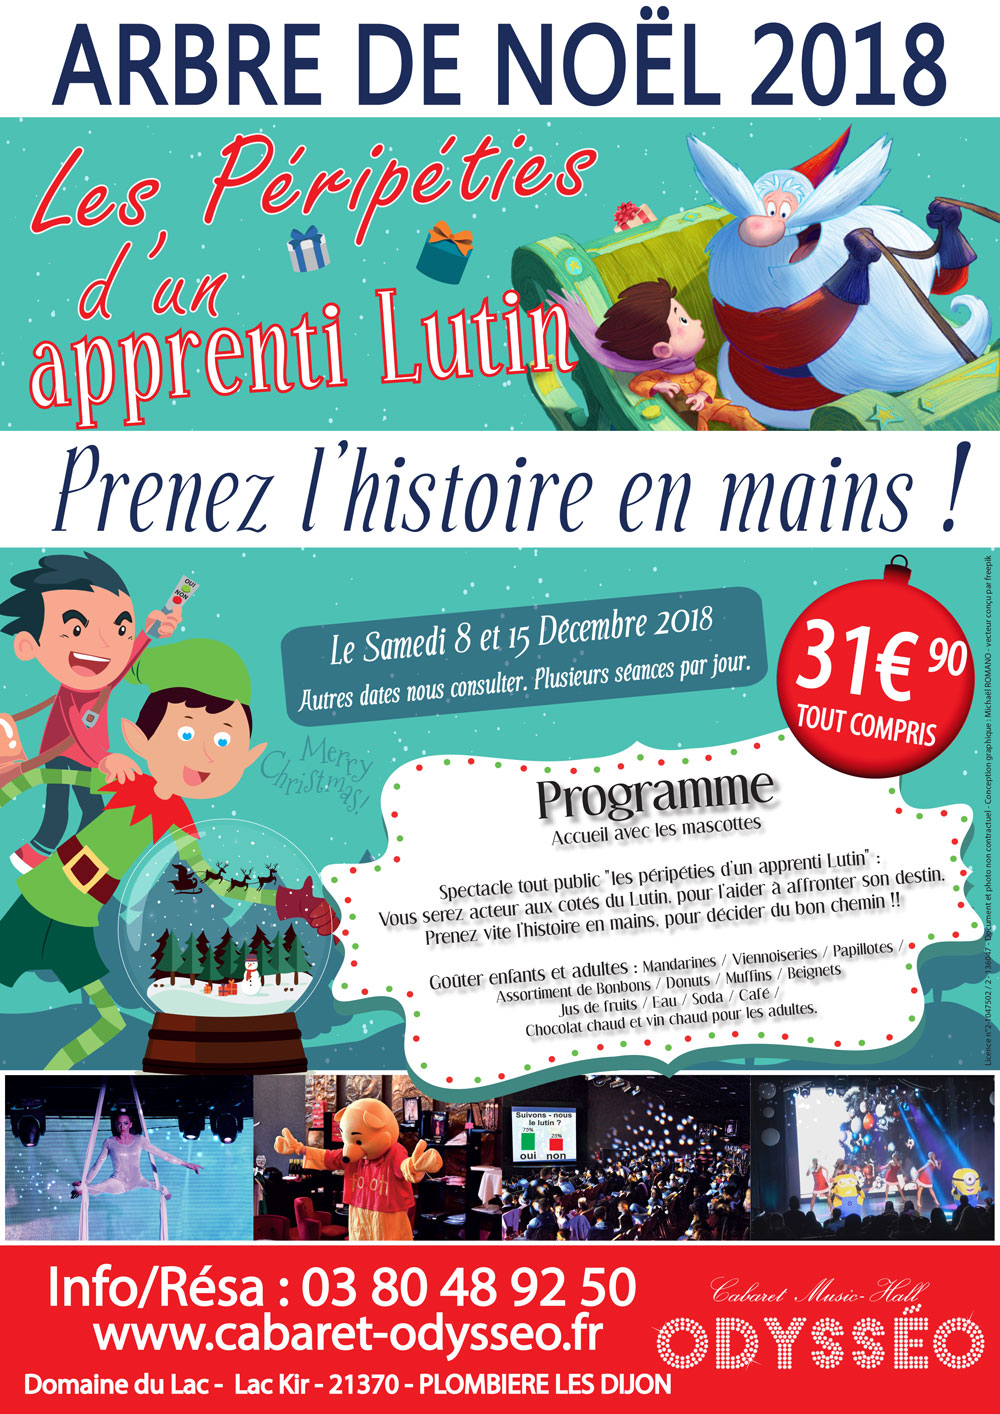 Arbre de Noël 2018 Spectacle de Noël Spectacle pour enfants